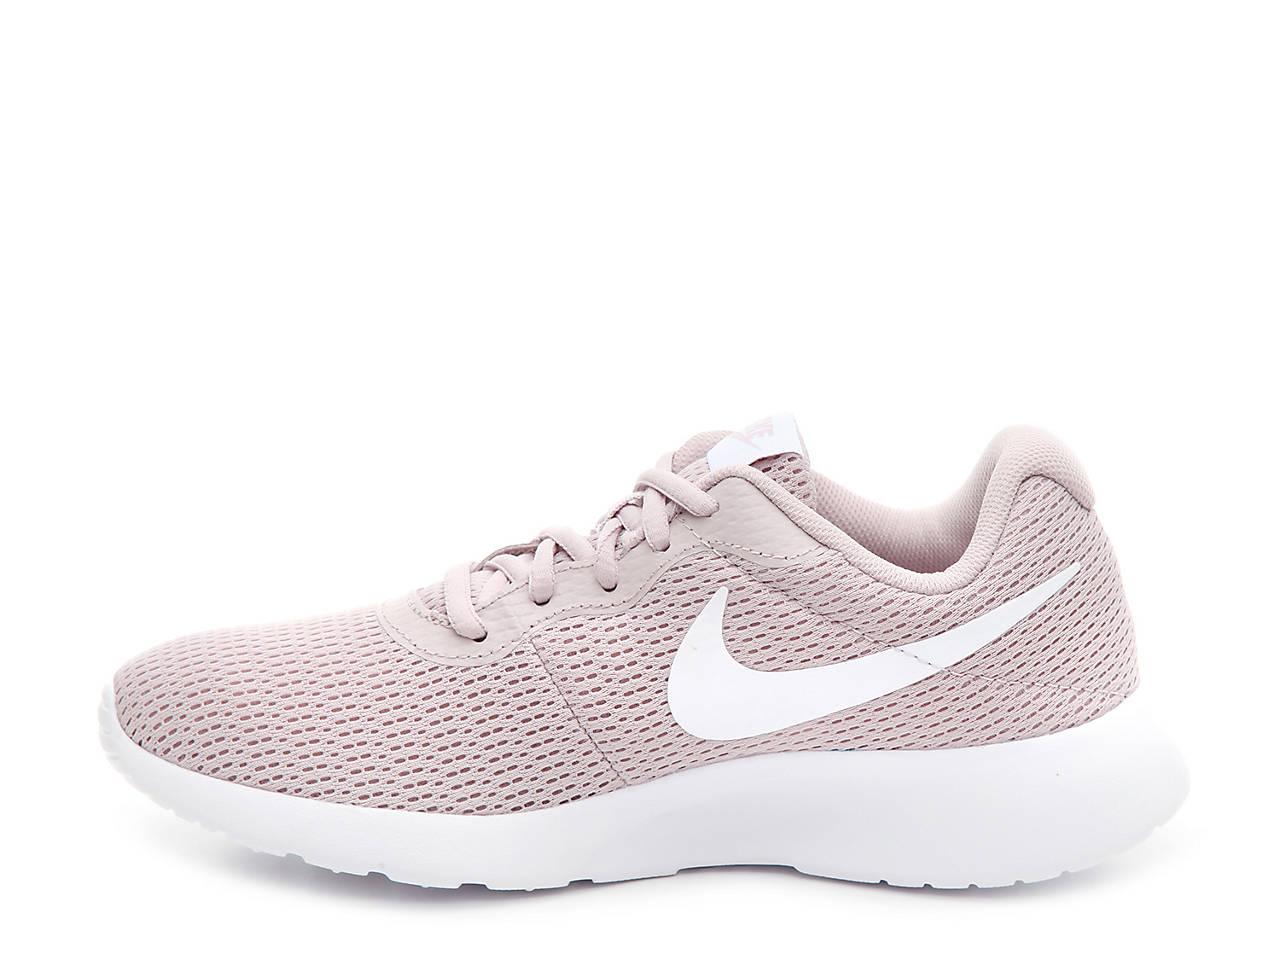 e8c00e7b1f91 Nike Tanjun Sneaker - Women s Women s Shoes